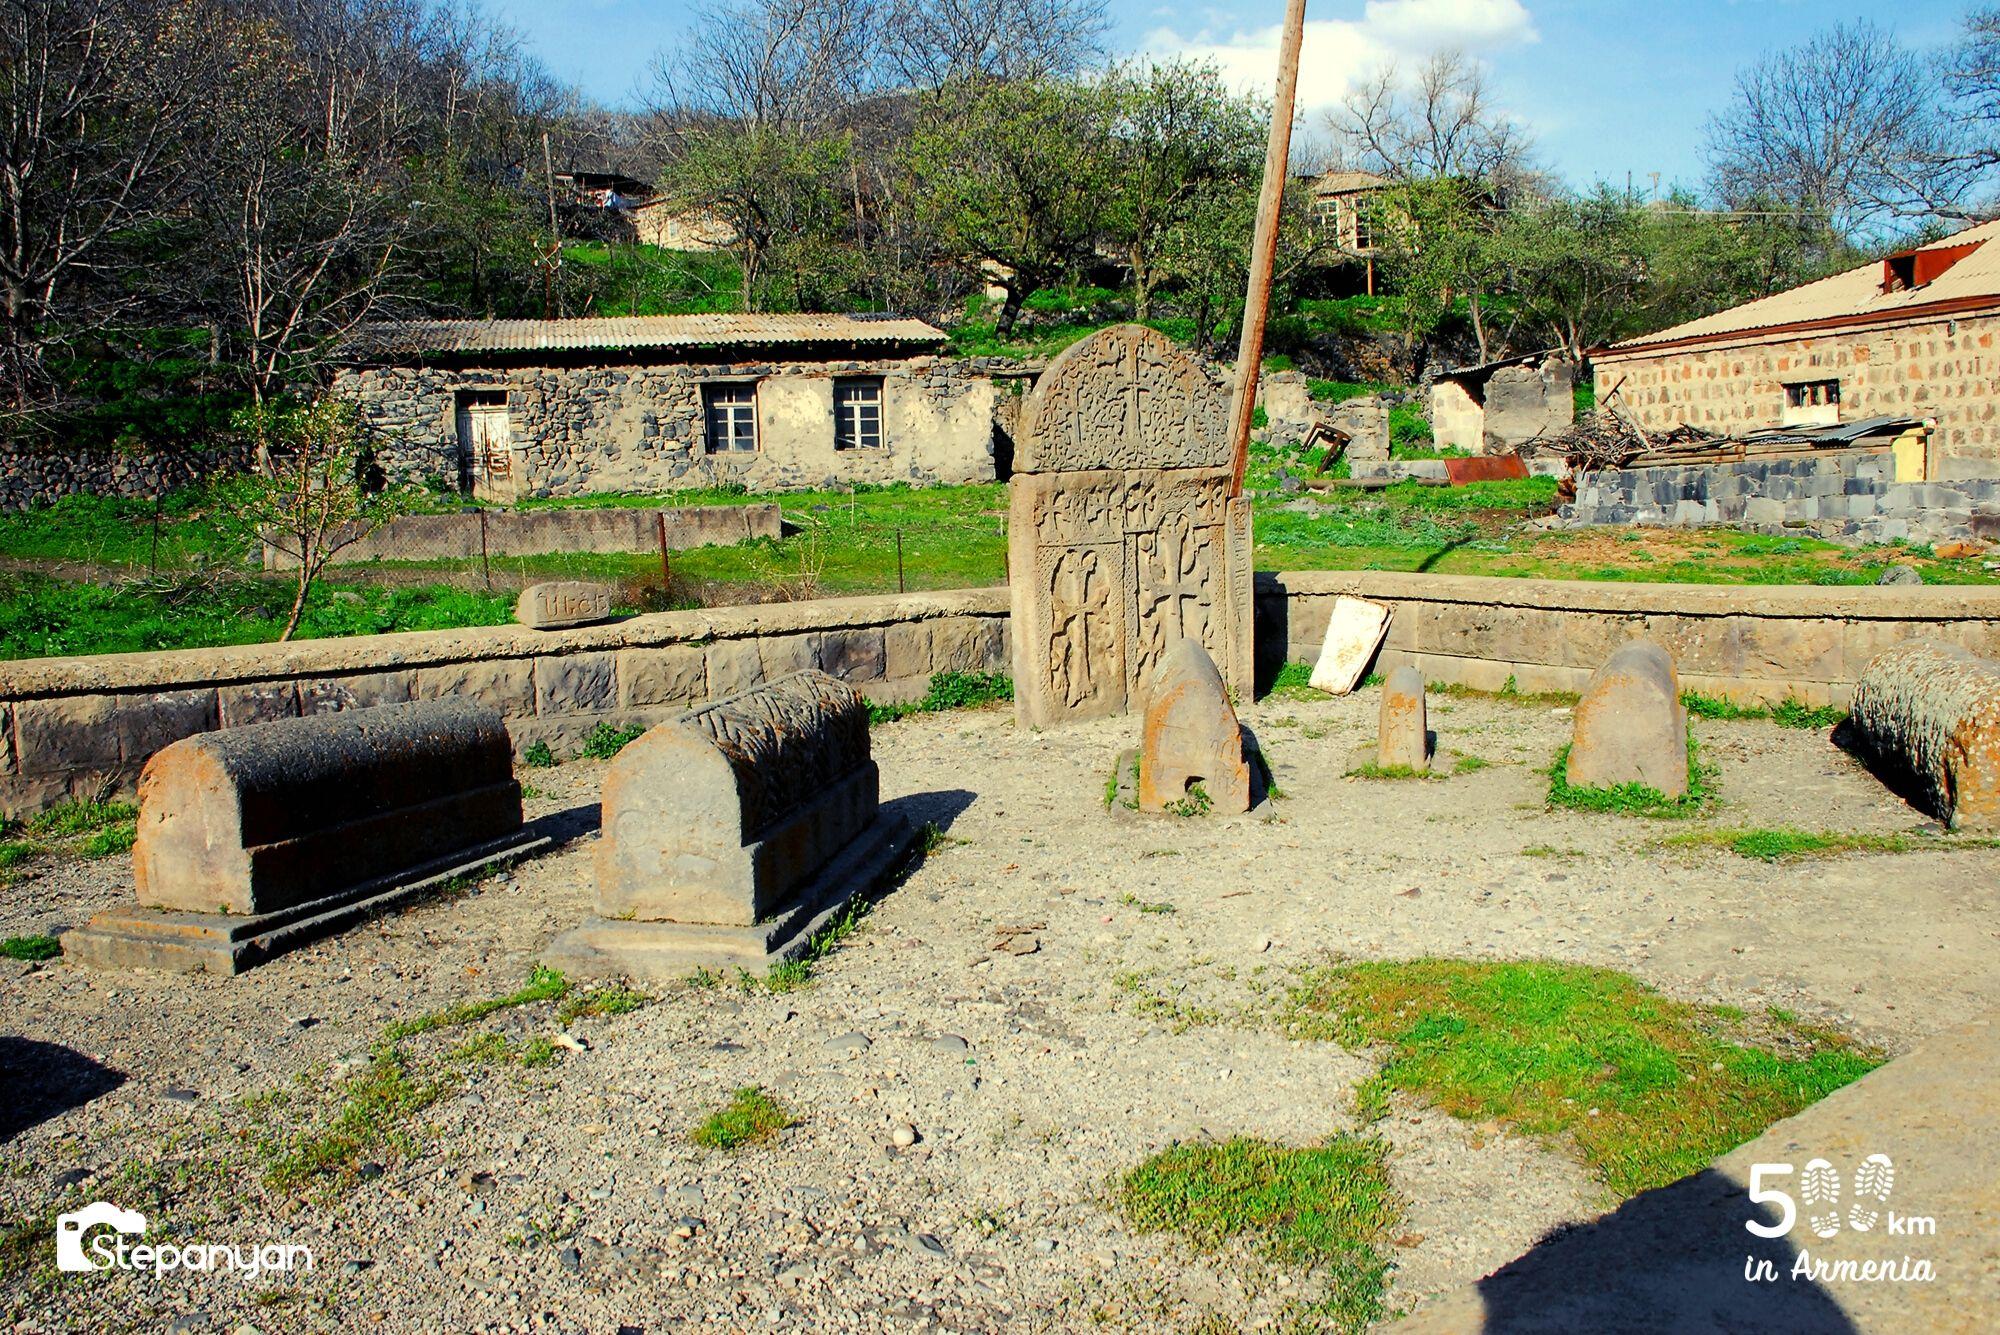 Եղեգիս - 500 կմ Հայաստանում